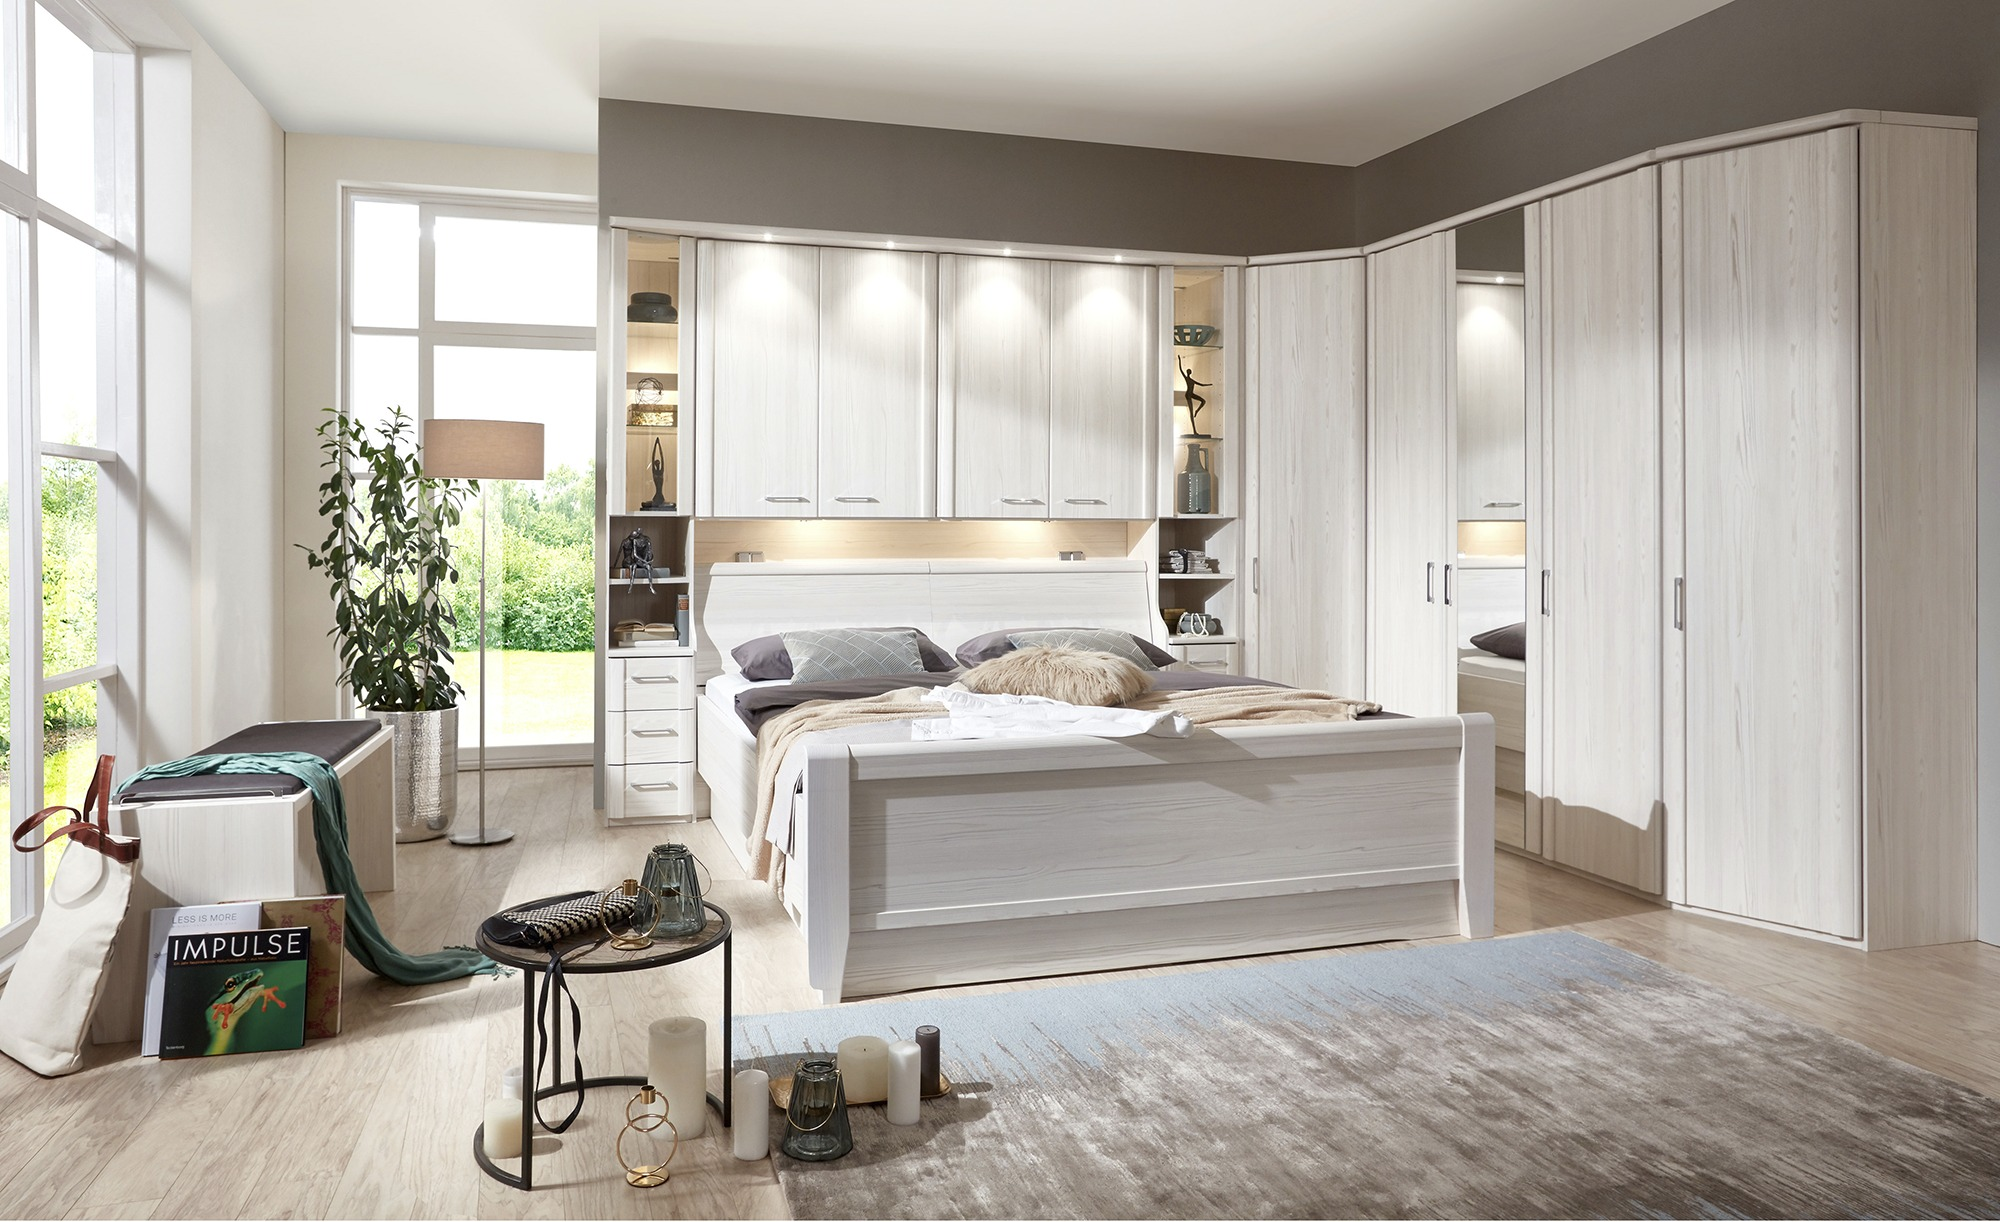 Komplett-Schlafzimmer, gefunden bei Möbel Kraft